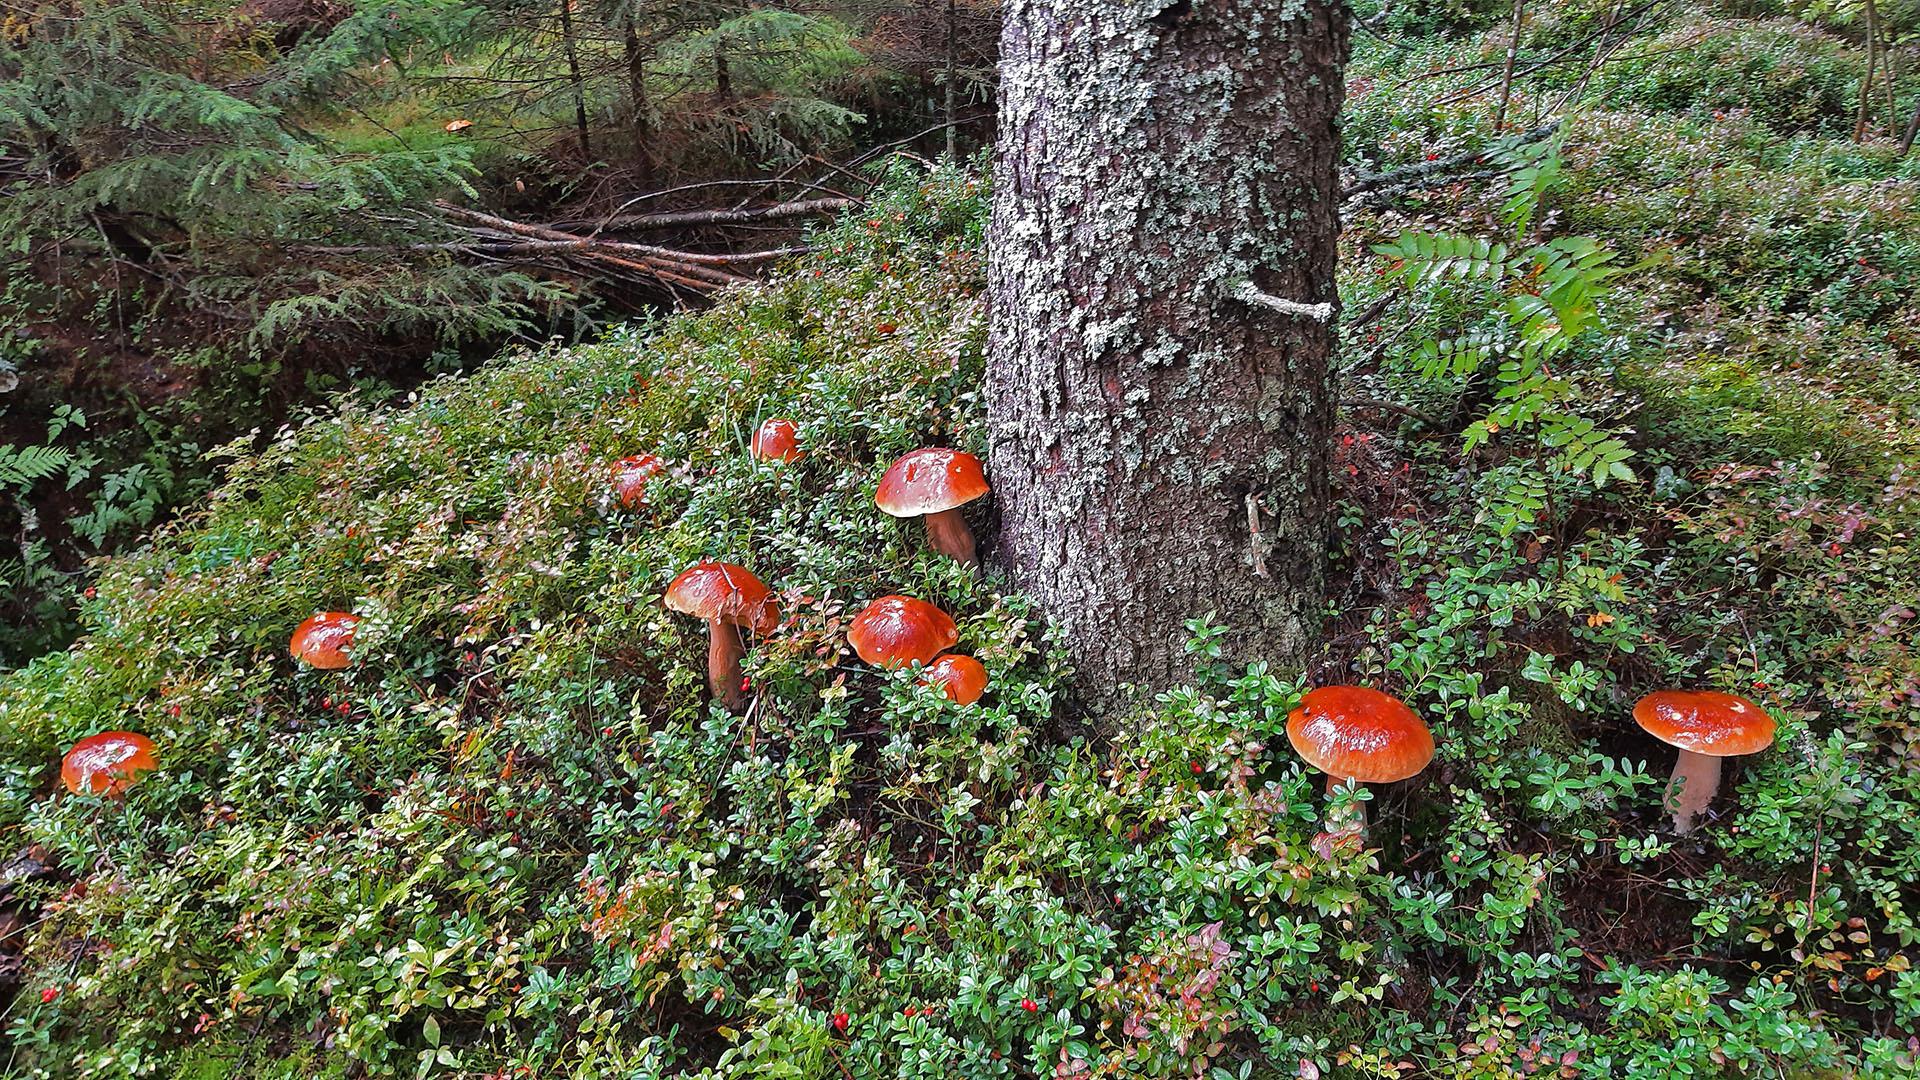 Syksyinen sienimetsä Kolkulla